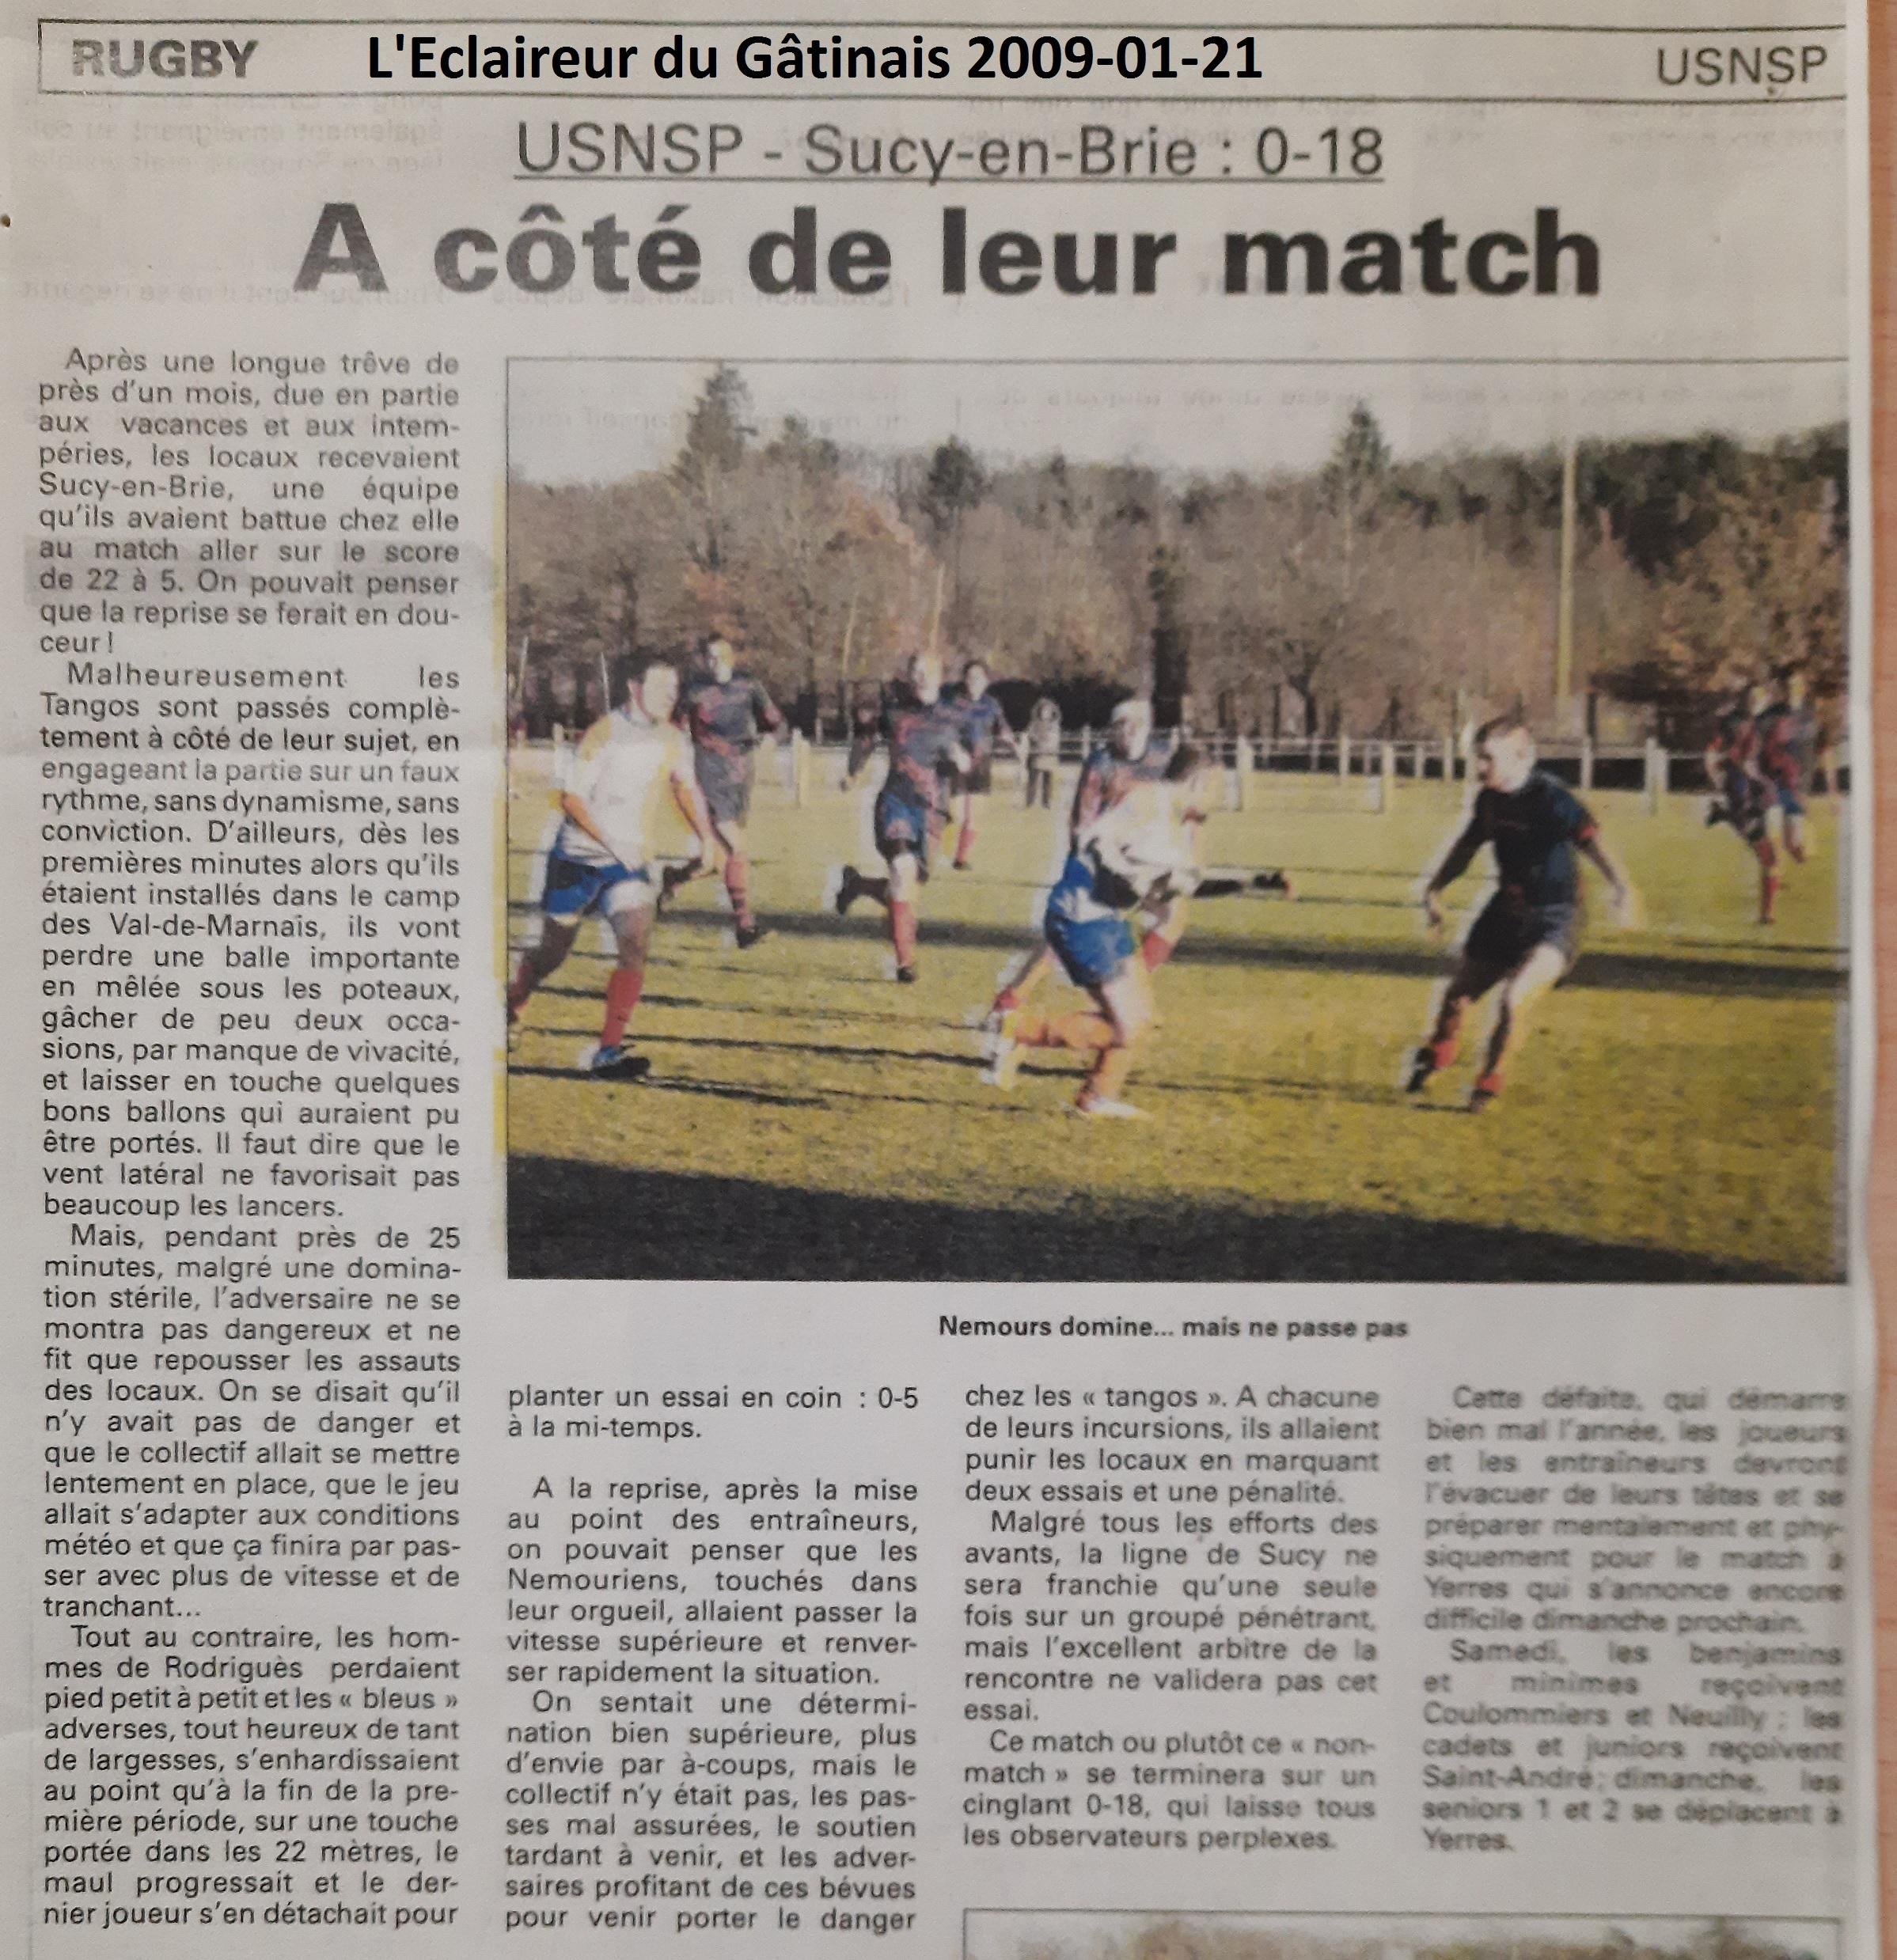 Eclaireur du Gâtinais 2009-01-21